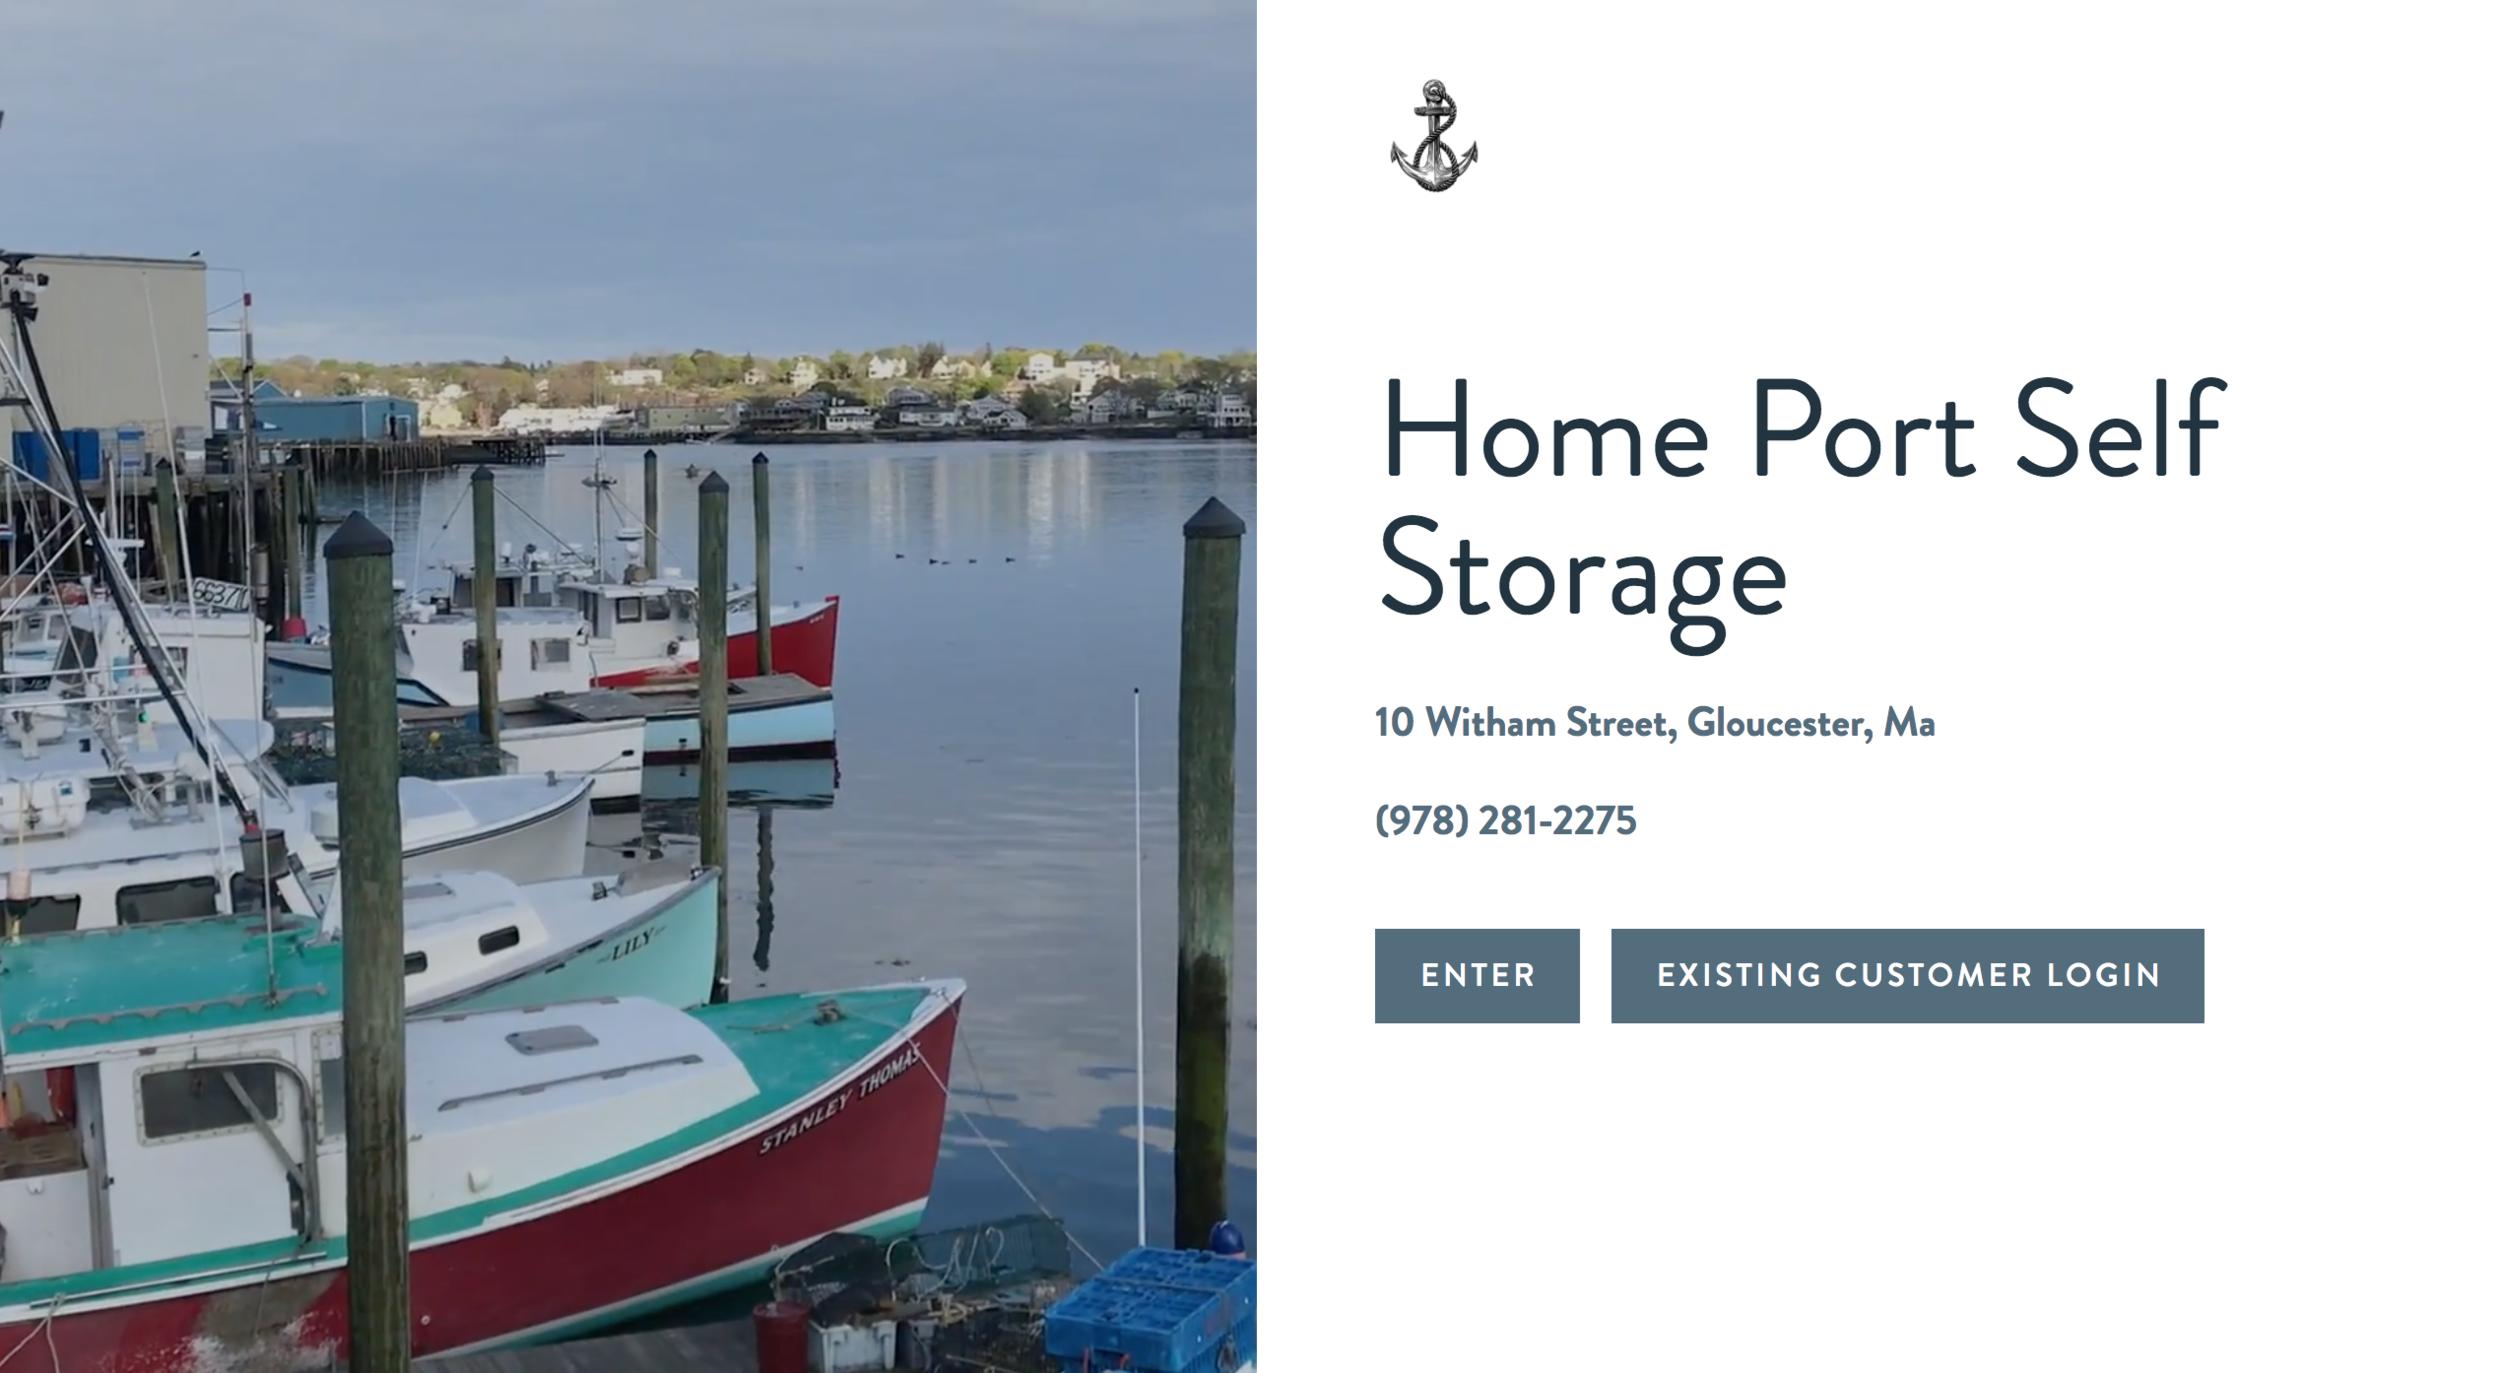 home port self storage, gloucester, ma